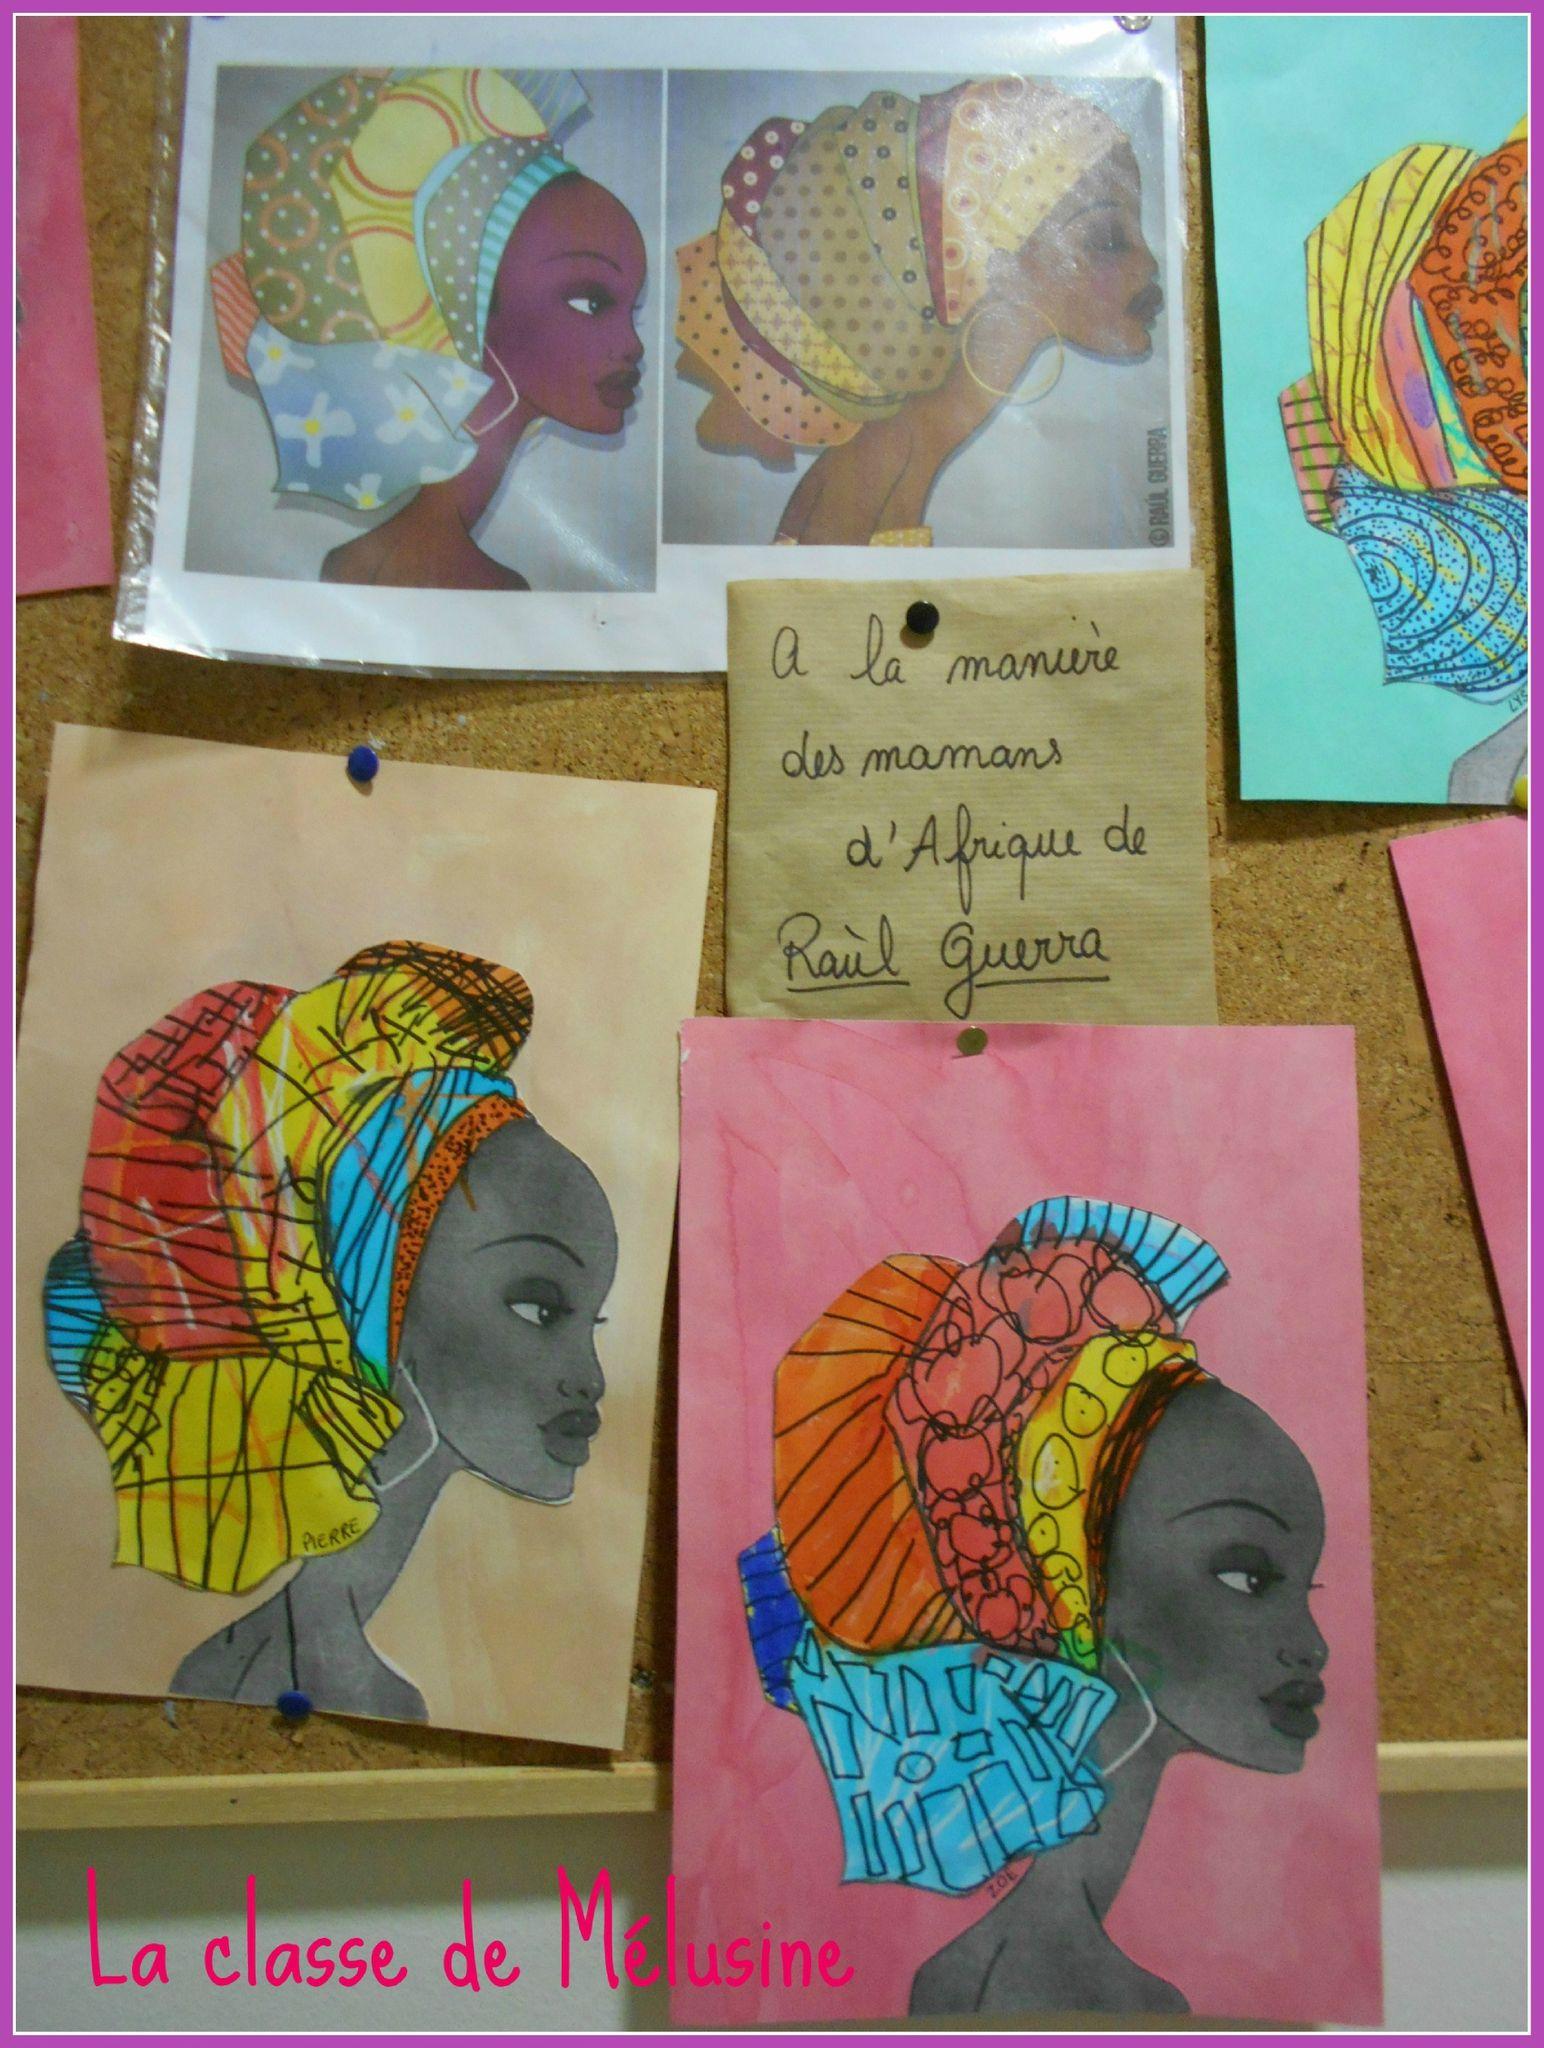 Portraits Mamans Aux Turbans Raùl | Art Africain serapportantà Activité Manuelle Afrique